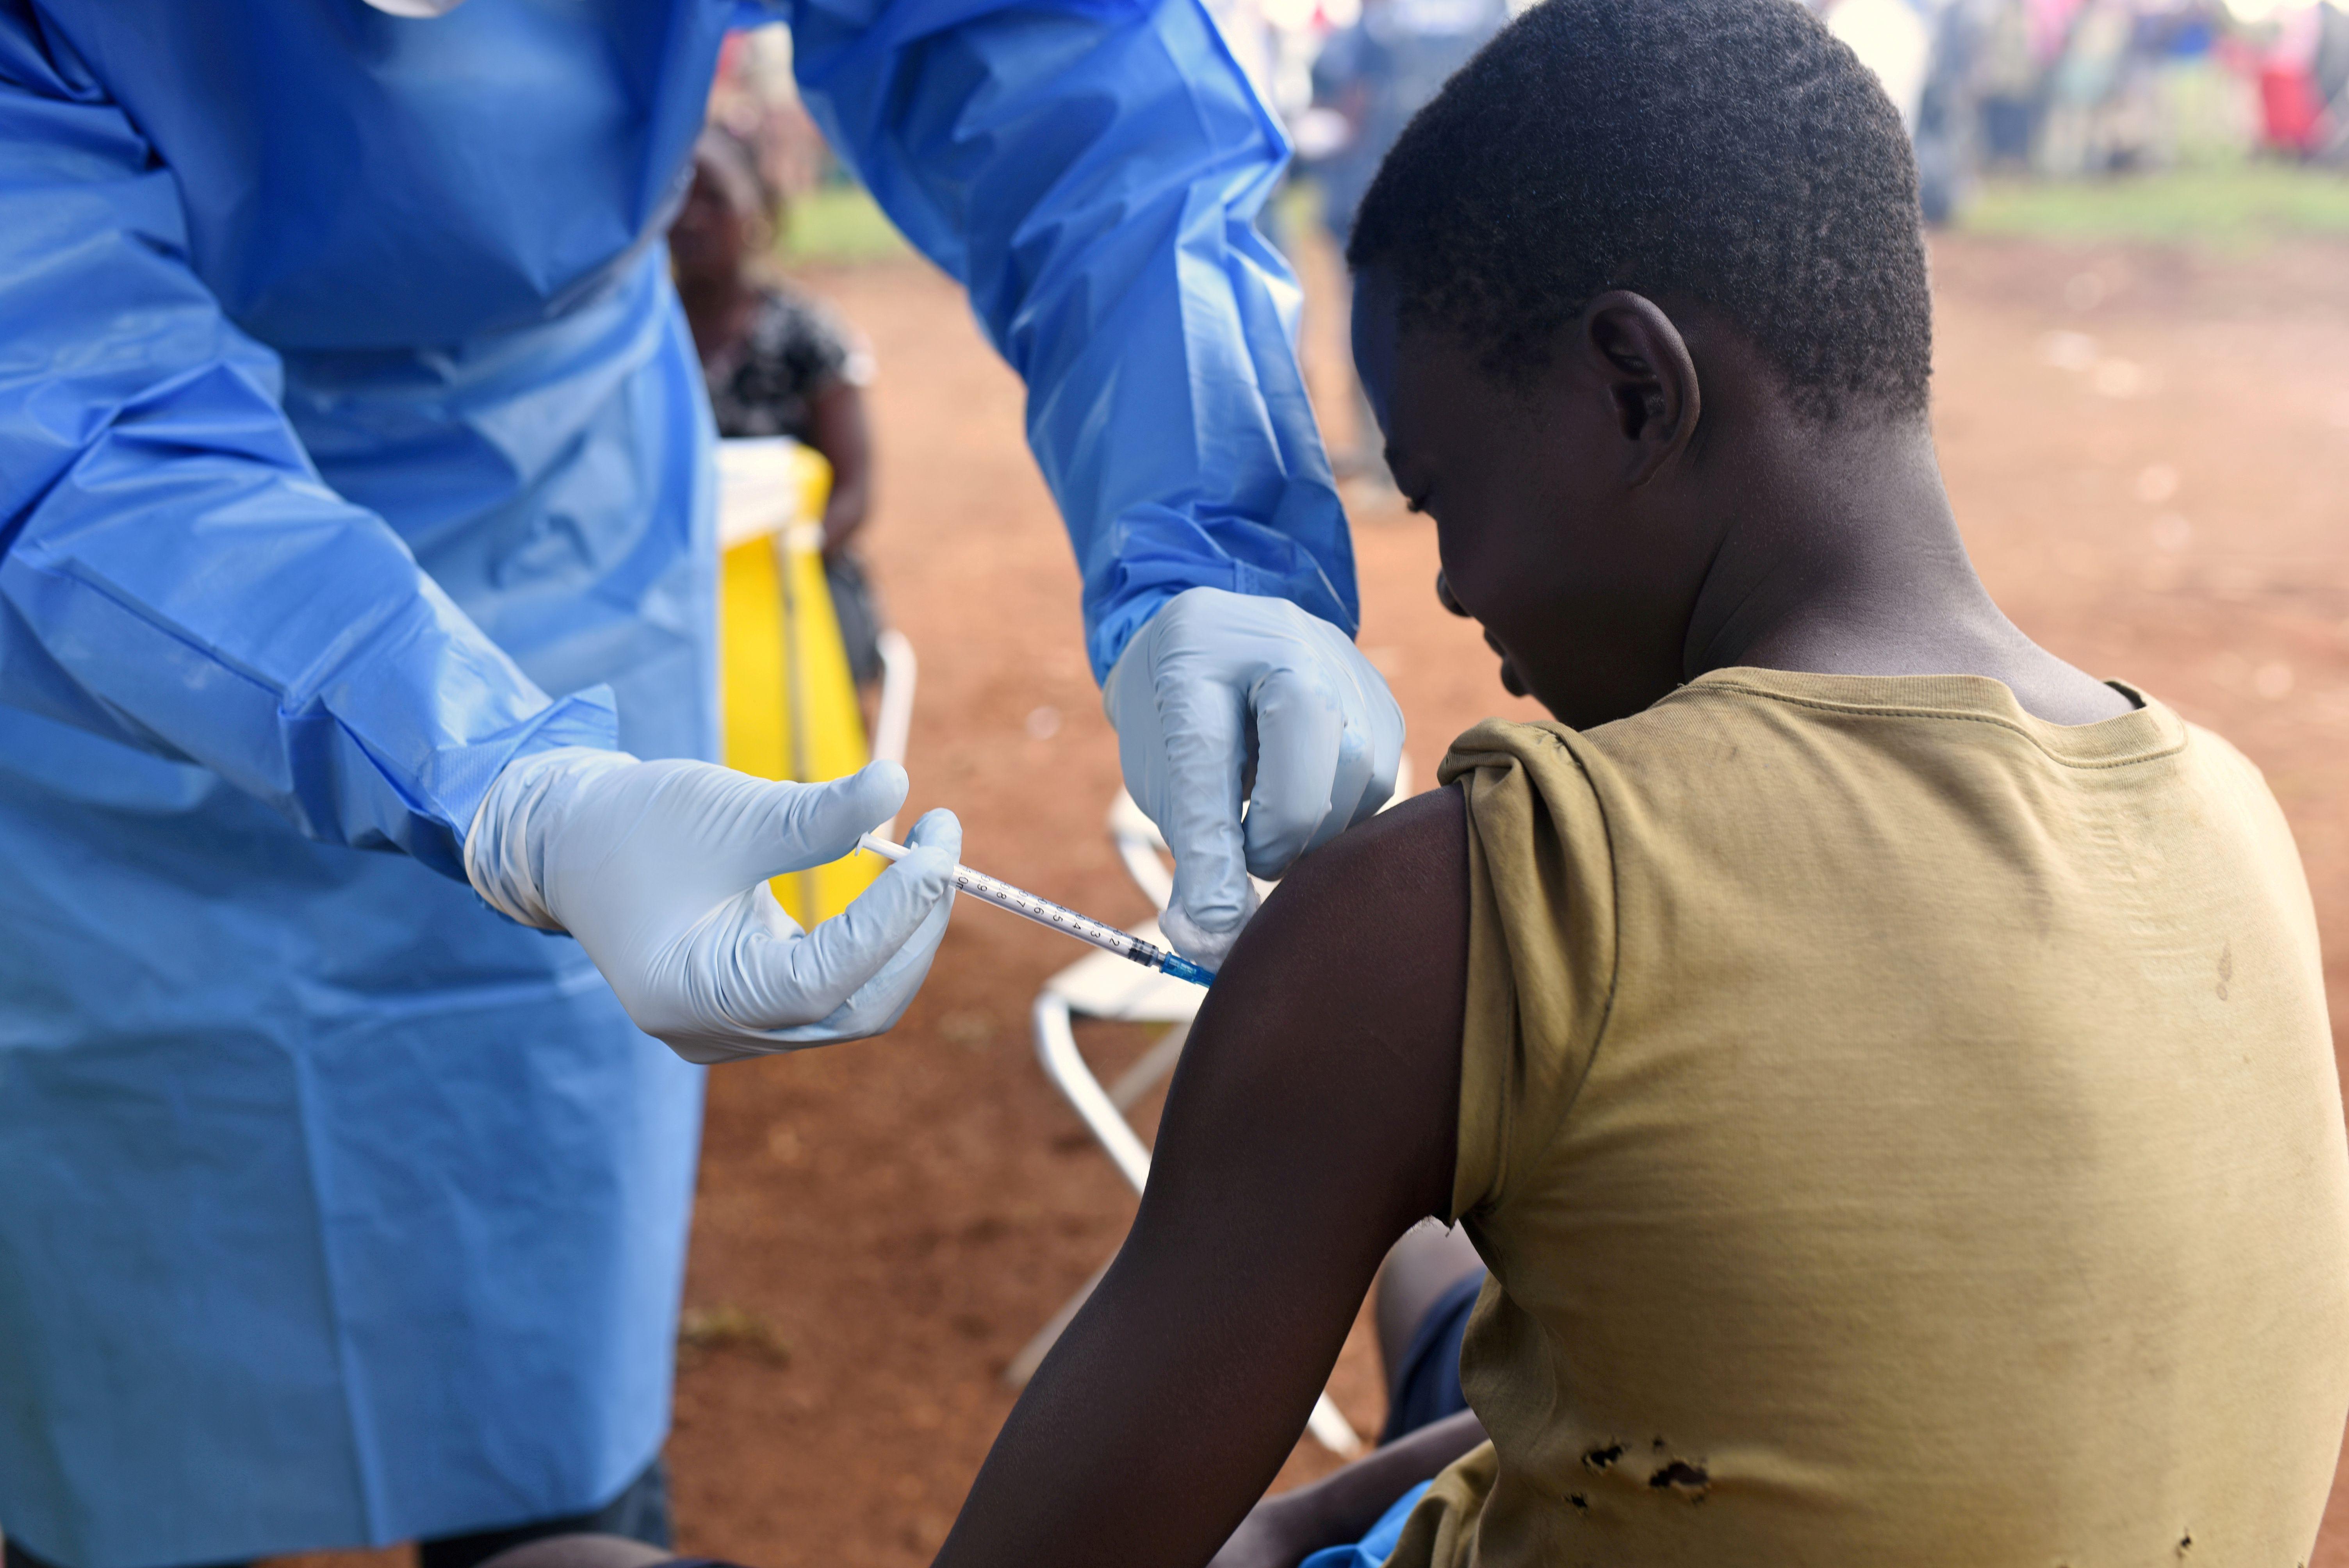 Todos los medicamentos y vacunas que puedan tratar la enfermedad deben estar listos para utilizarse rápidamente REUTERS/Olivia Acland//File Photo/File Photo